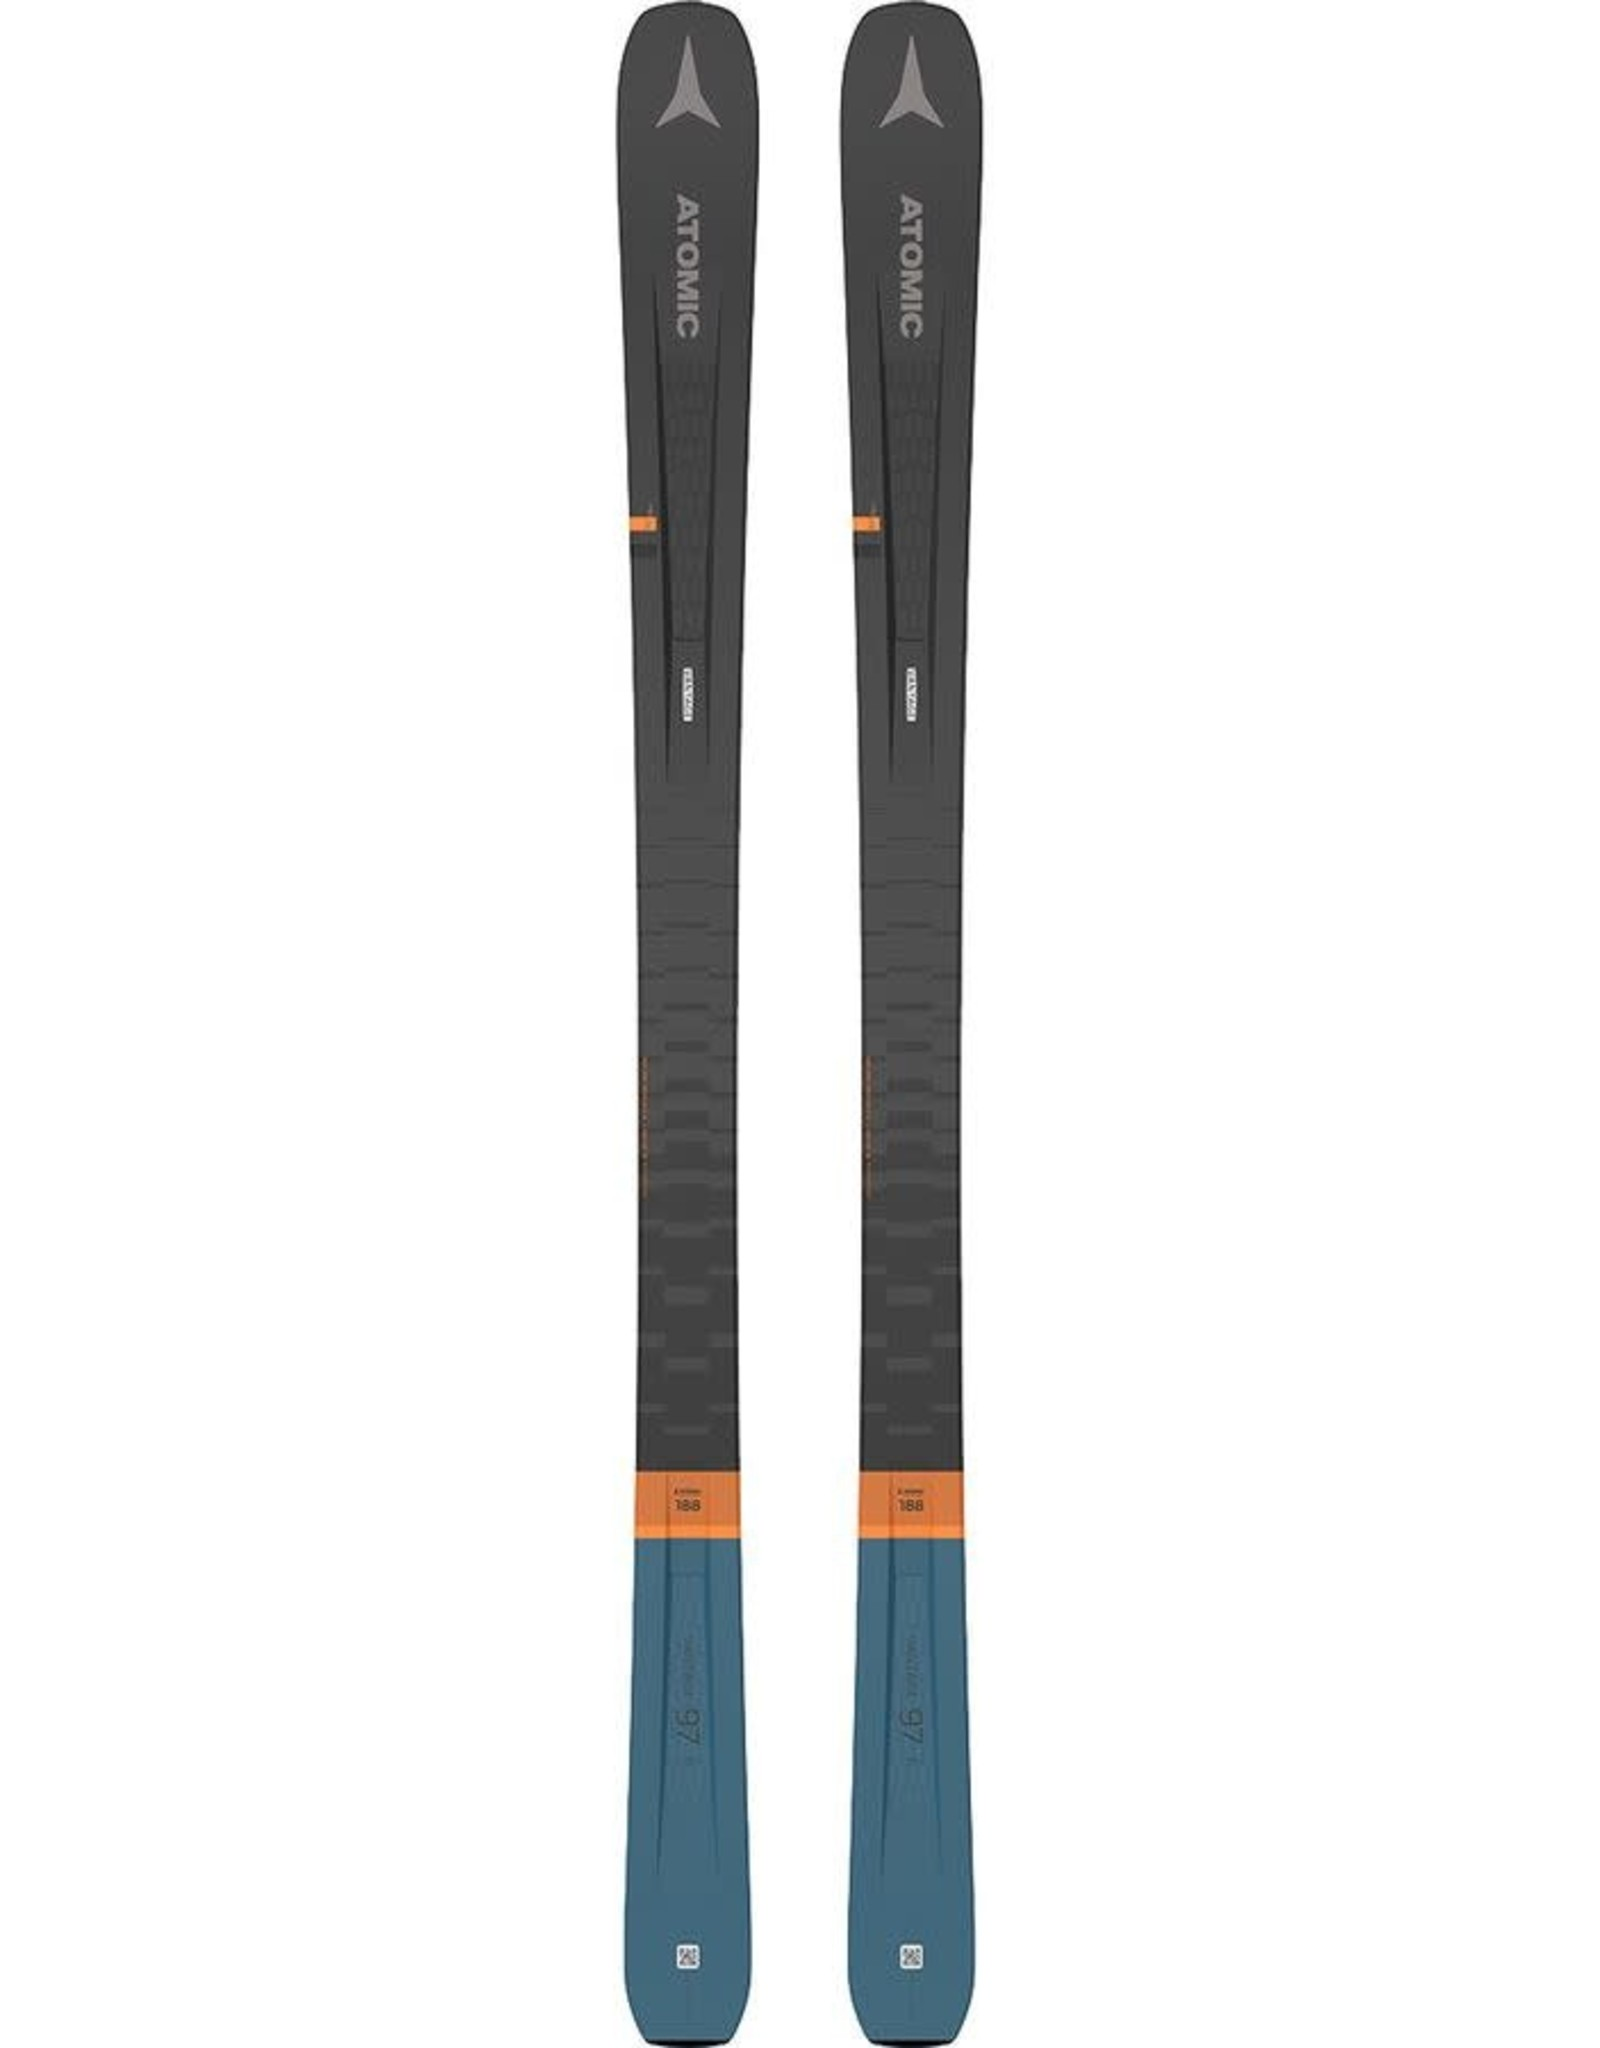 ATOMIC ATOMIC Skis VANTAGE 97 Ti (20/21)